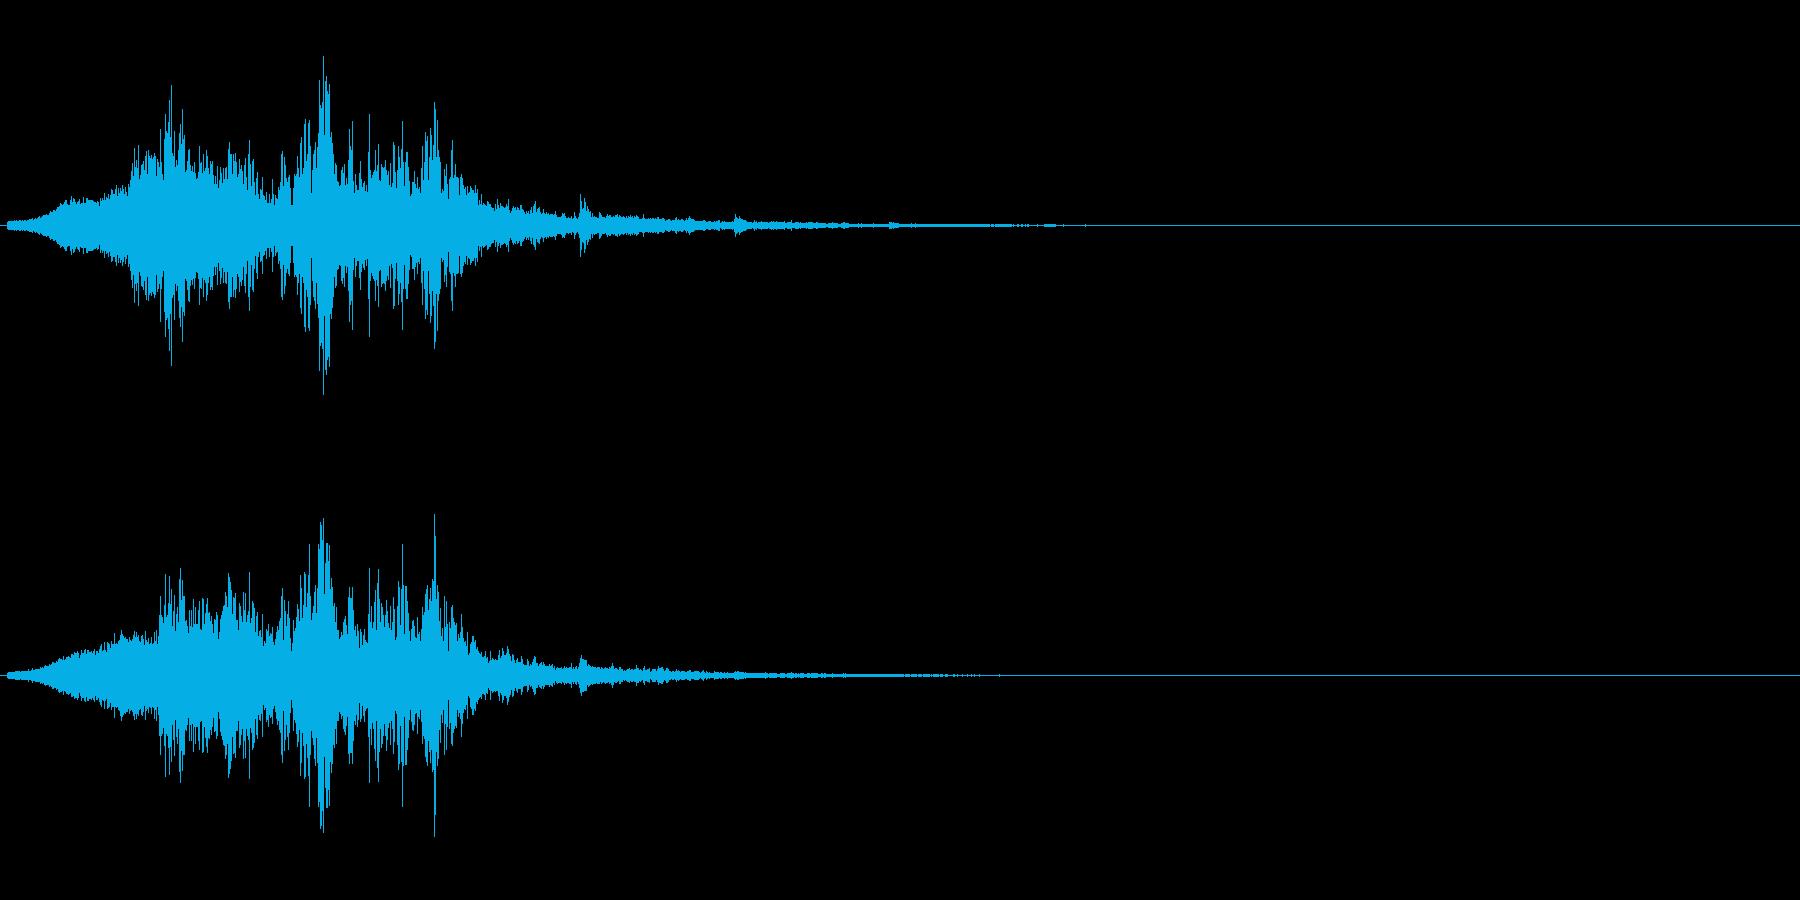 氷が砕けて飛び散る音の再生済みの波形